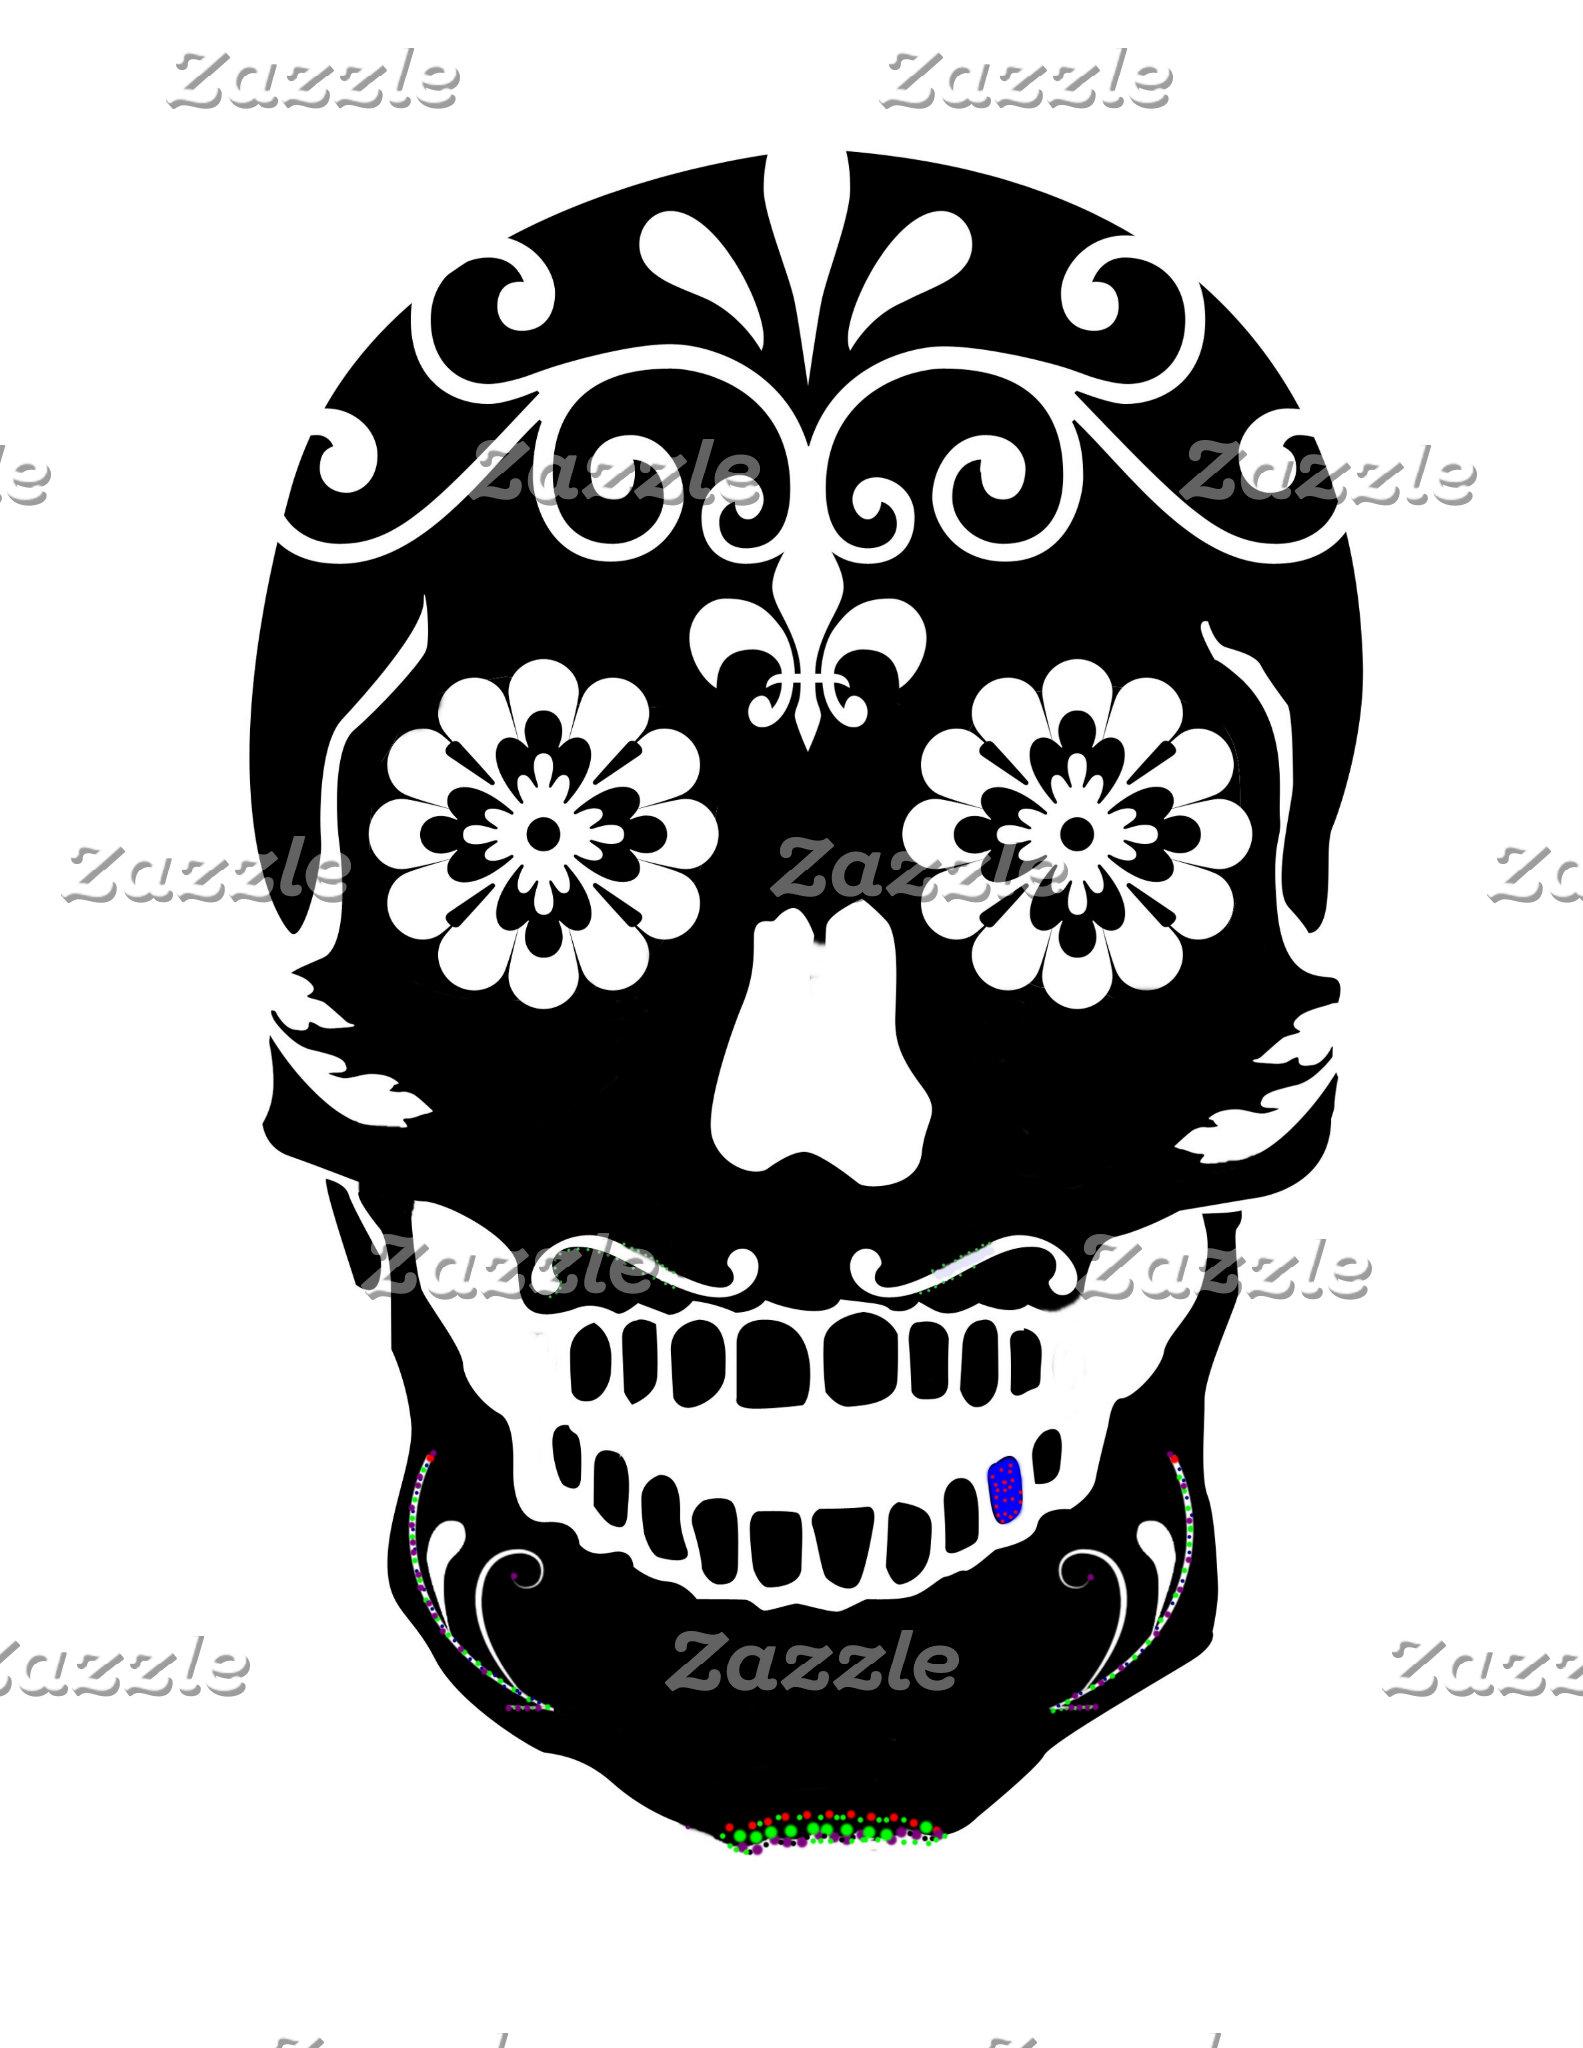 Sugar Skulls and Skullies